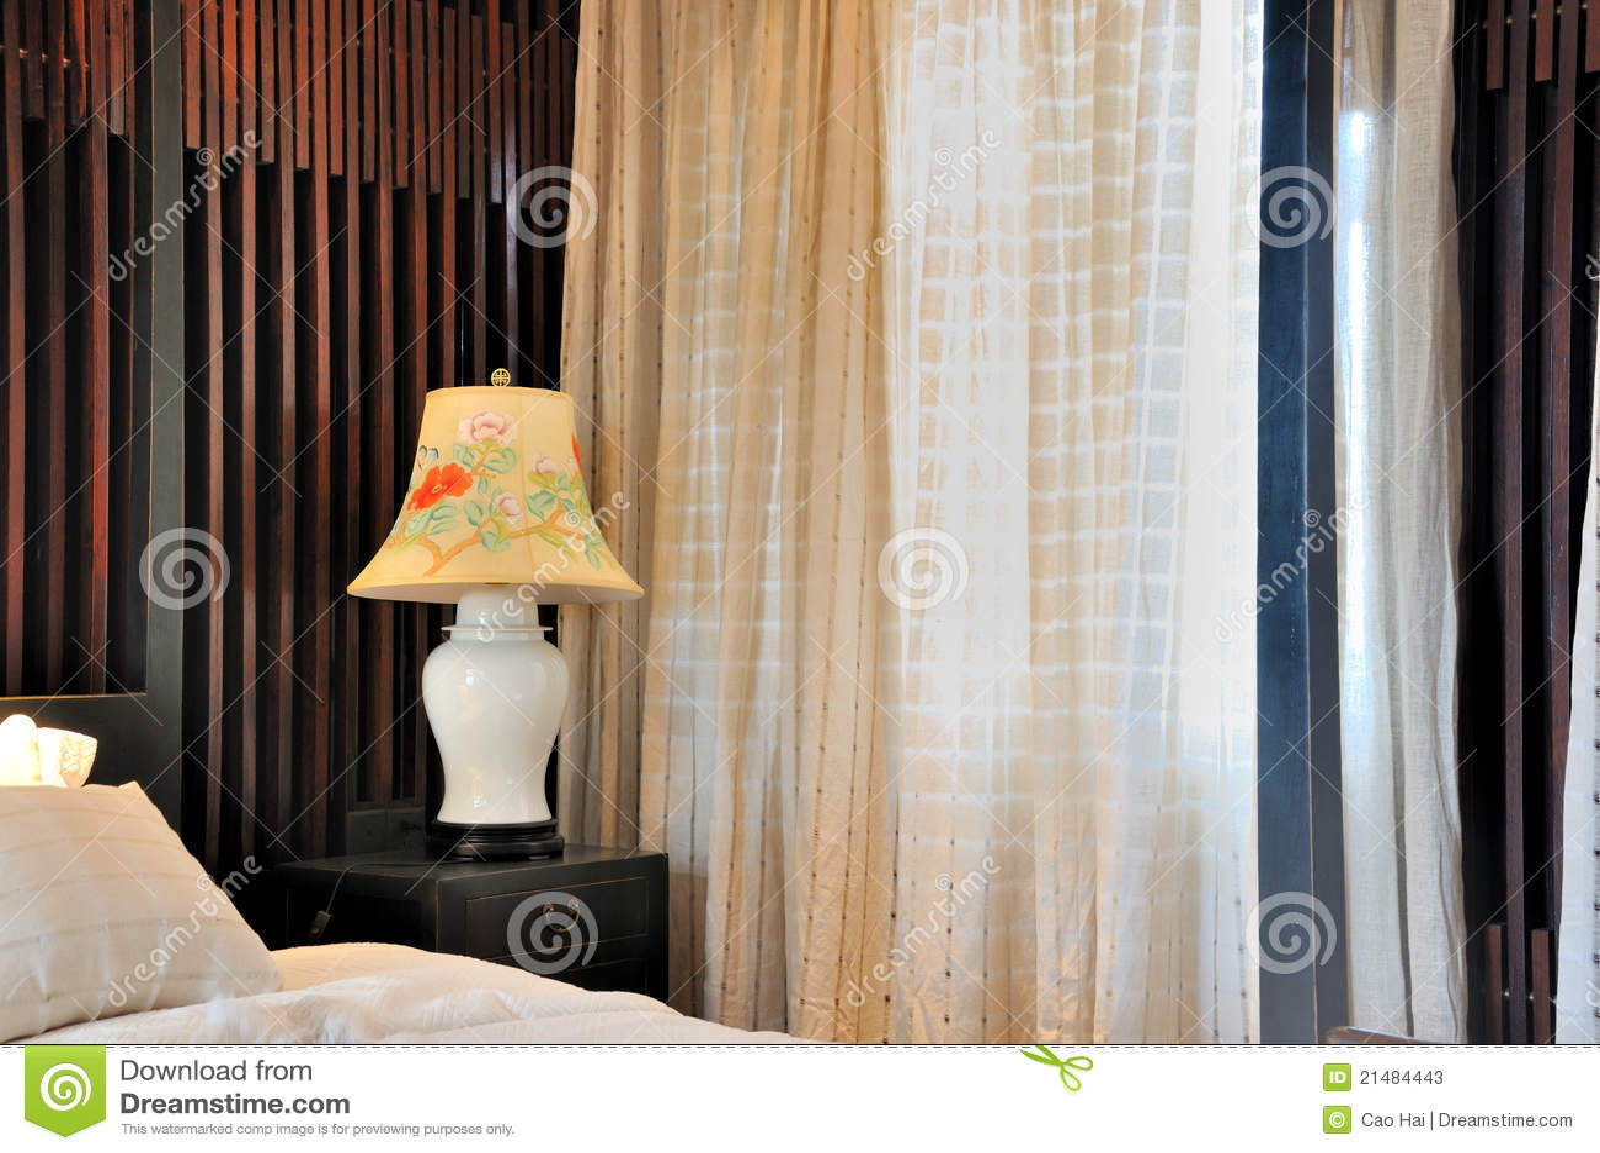 Piccola da letto Camera decorazione : Decorazione Di Camera Da Letto : Tenda di finestra e decorazione fine ...